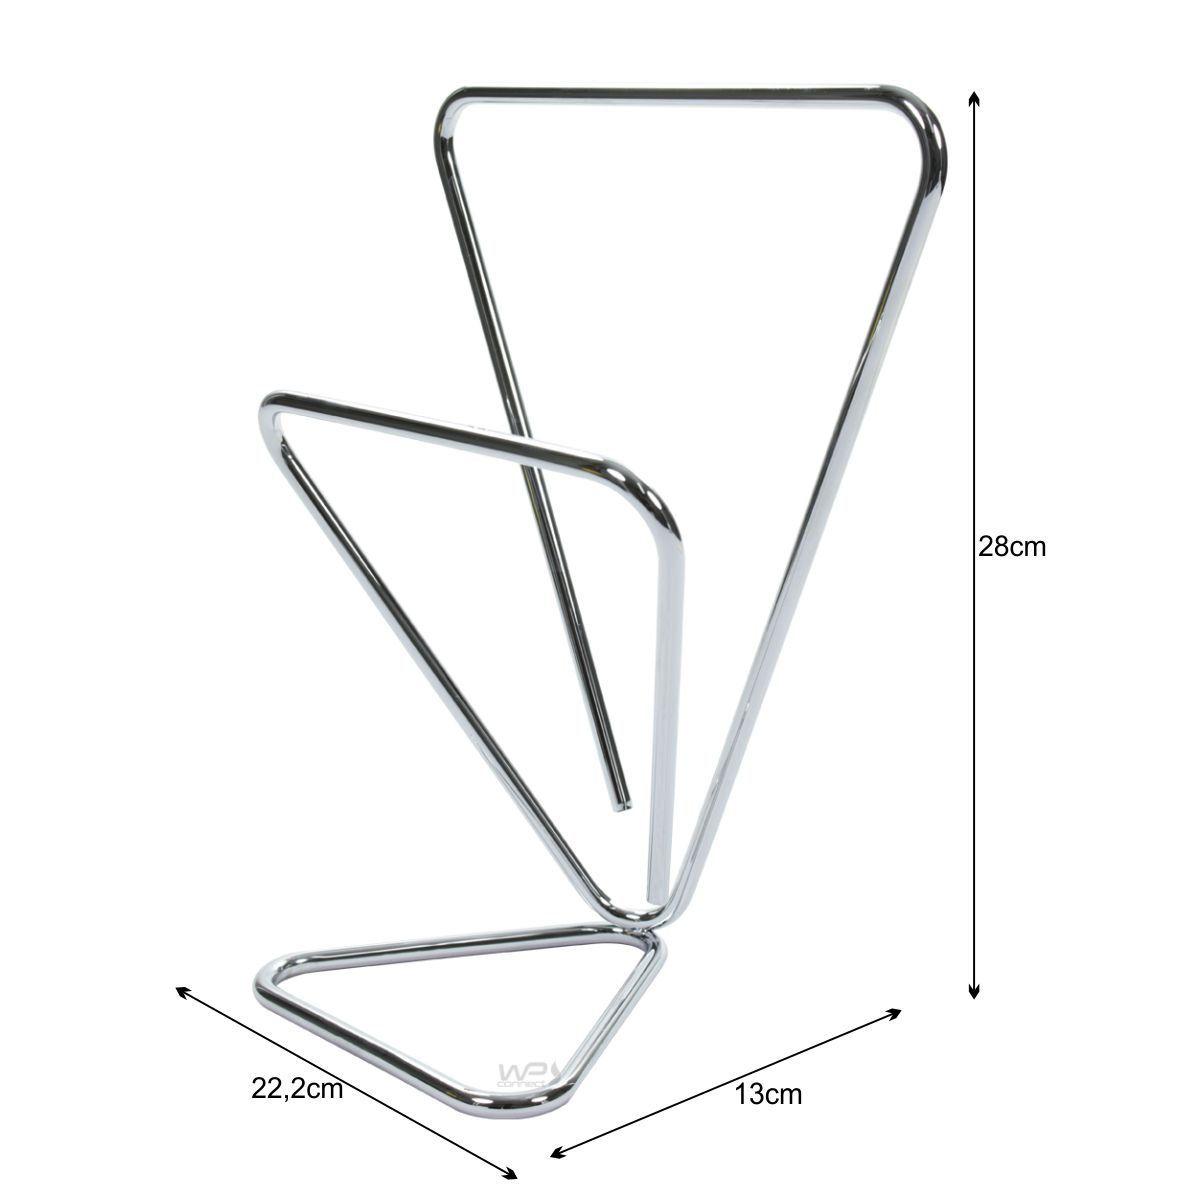 Toalheiro Triangular Duplo Porta Toalhas de Bancada - Cromado